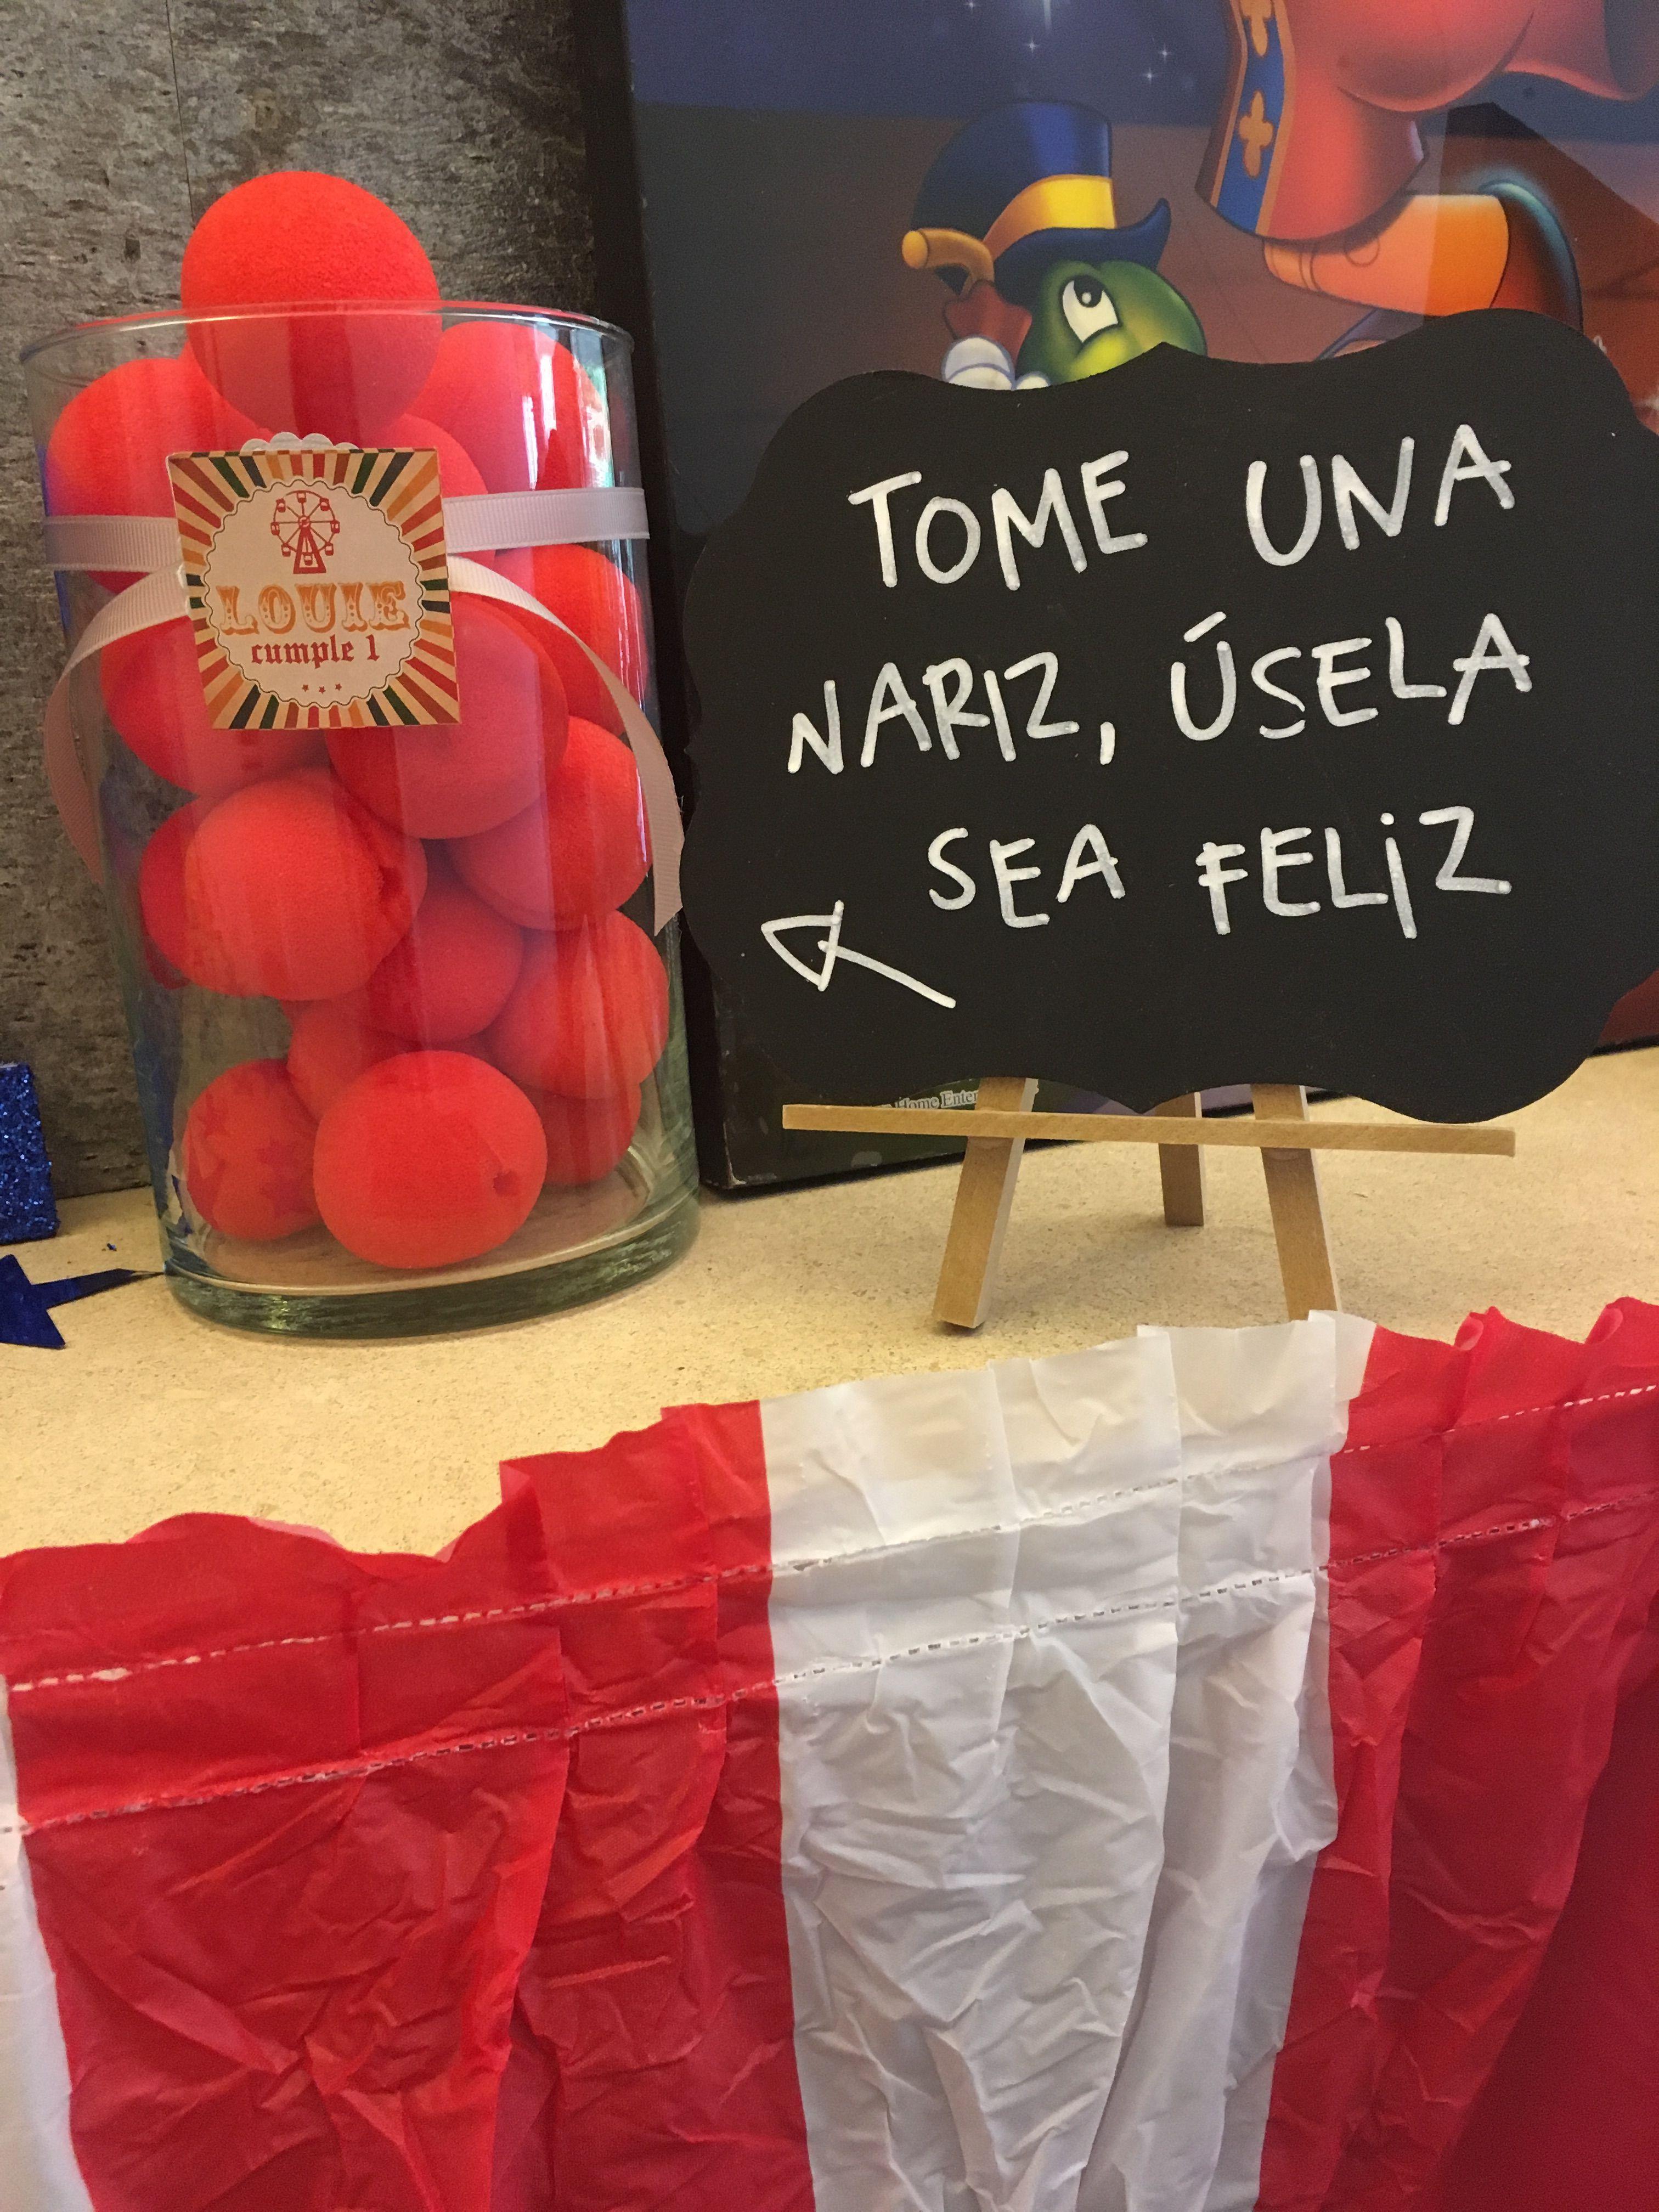 Circo ideas de fiesta louie 1st party en 2019 cumple - Ideas originales para fiestas de adultos ...